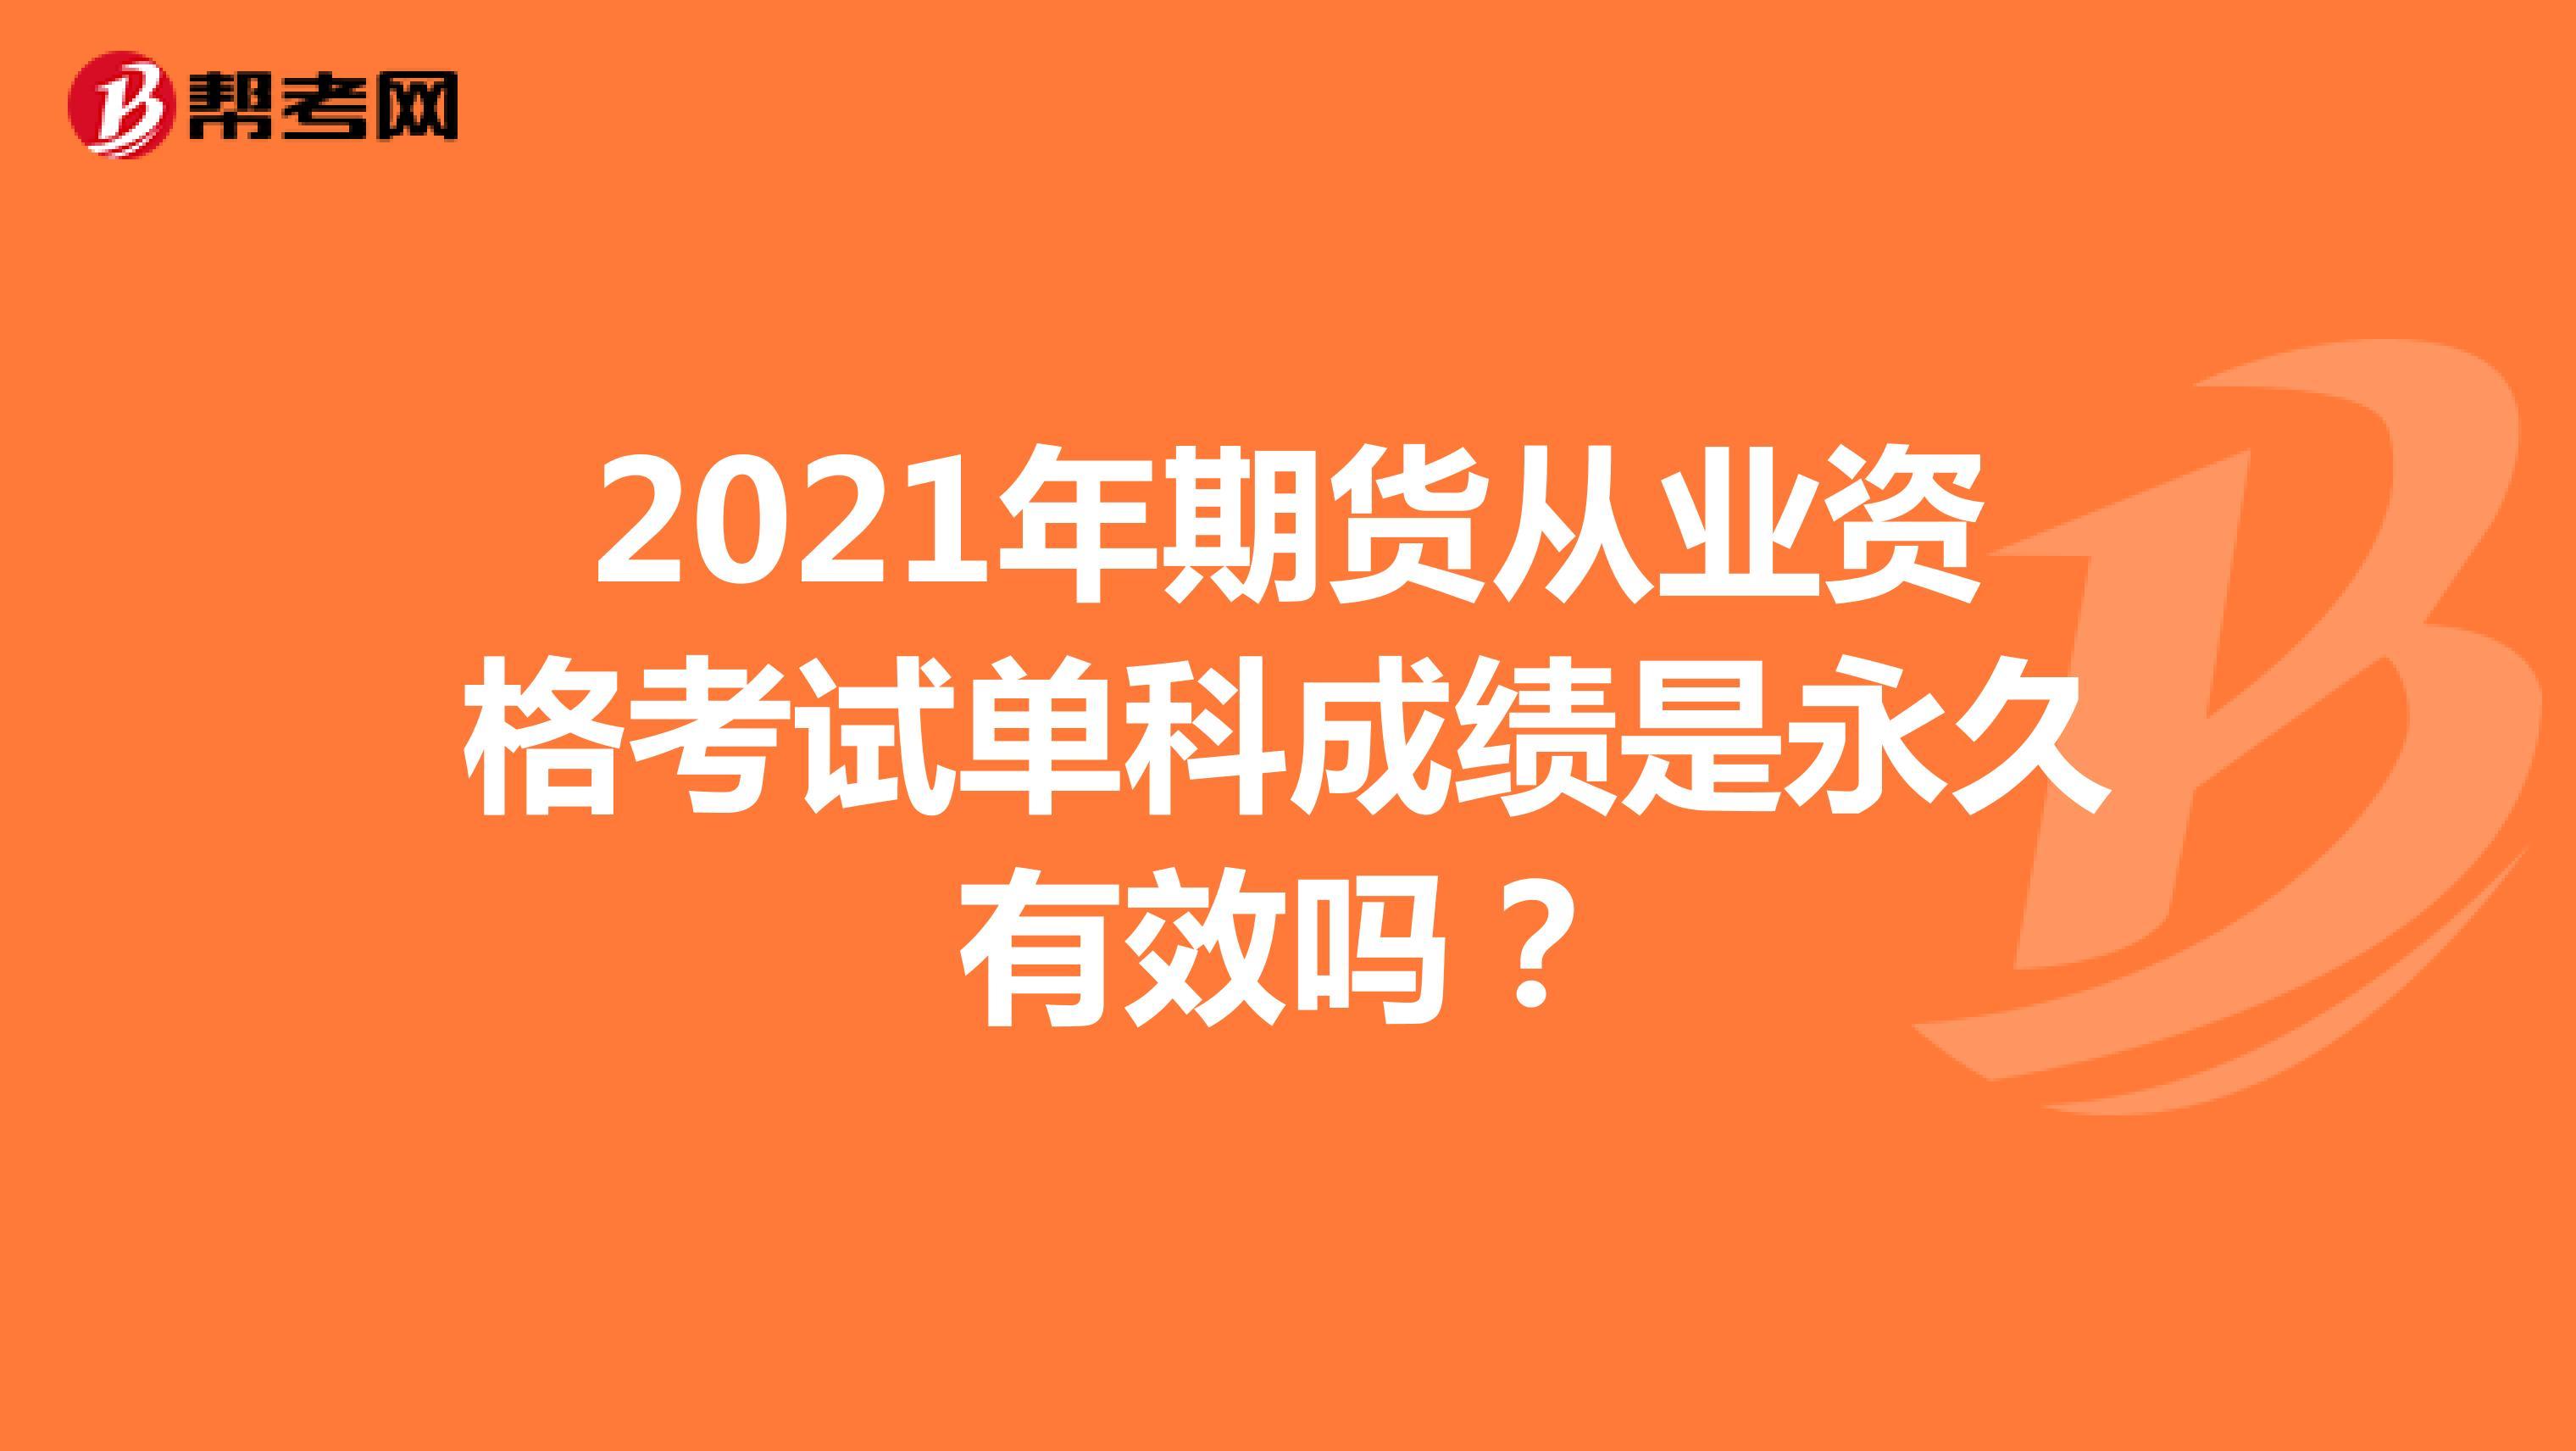 2021年期货从业资格考试单科成绩是永久有效吗?